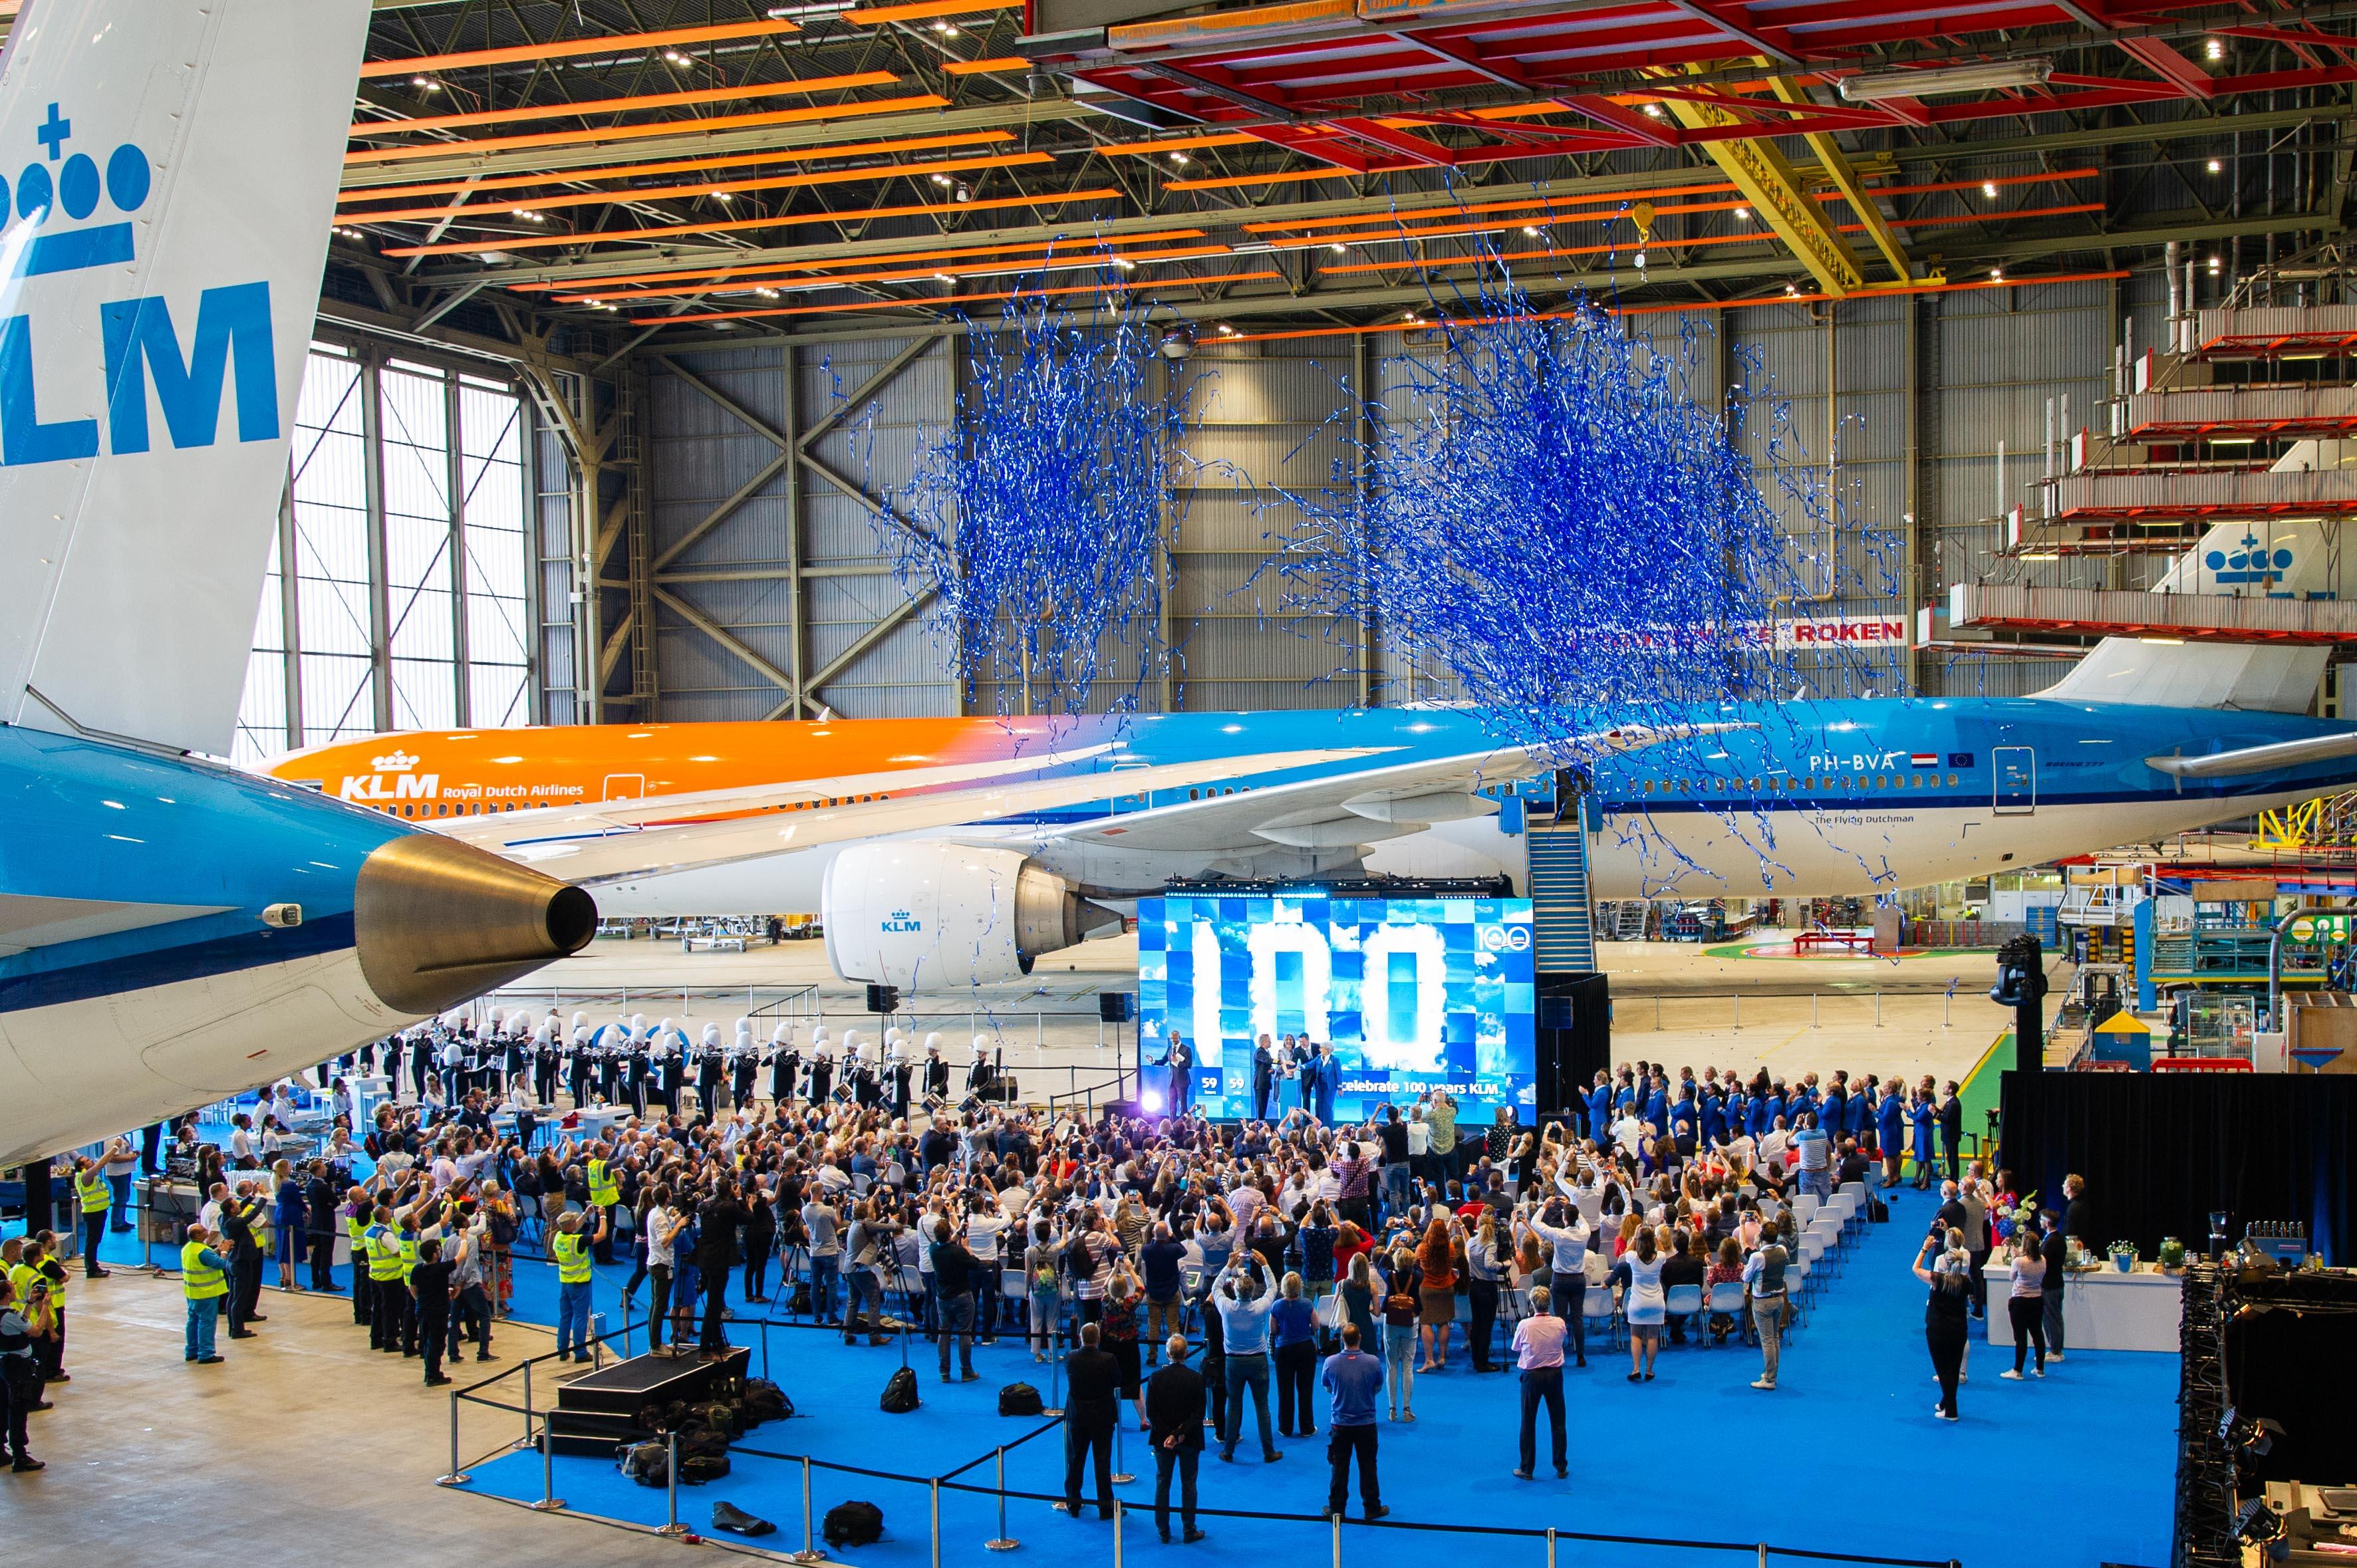 Festivitas i KLM-hangaren da nedtællingen til de sidste 100 dage inden 100 års jubilæet blev sat i gang. KLM havde sidste år 34,1 millioner passagerer og over 160 destinationer. Pressefoto: Paul Ridderhof, KLM.